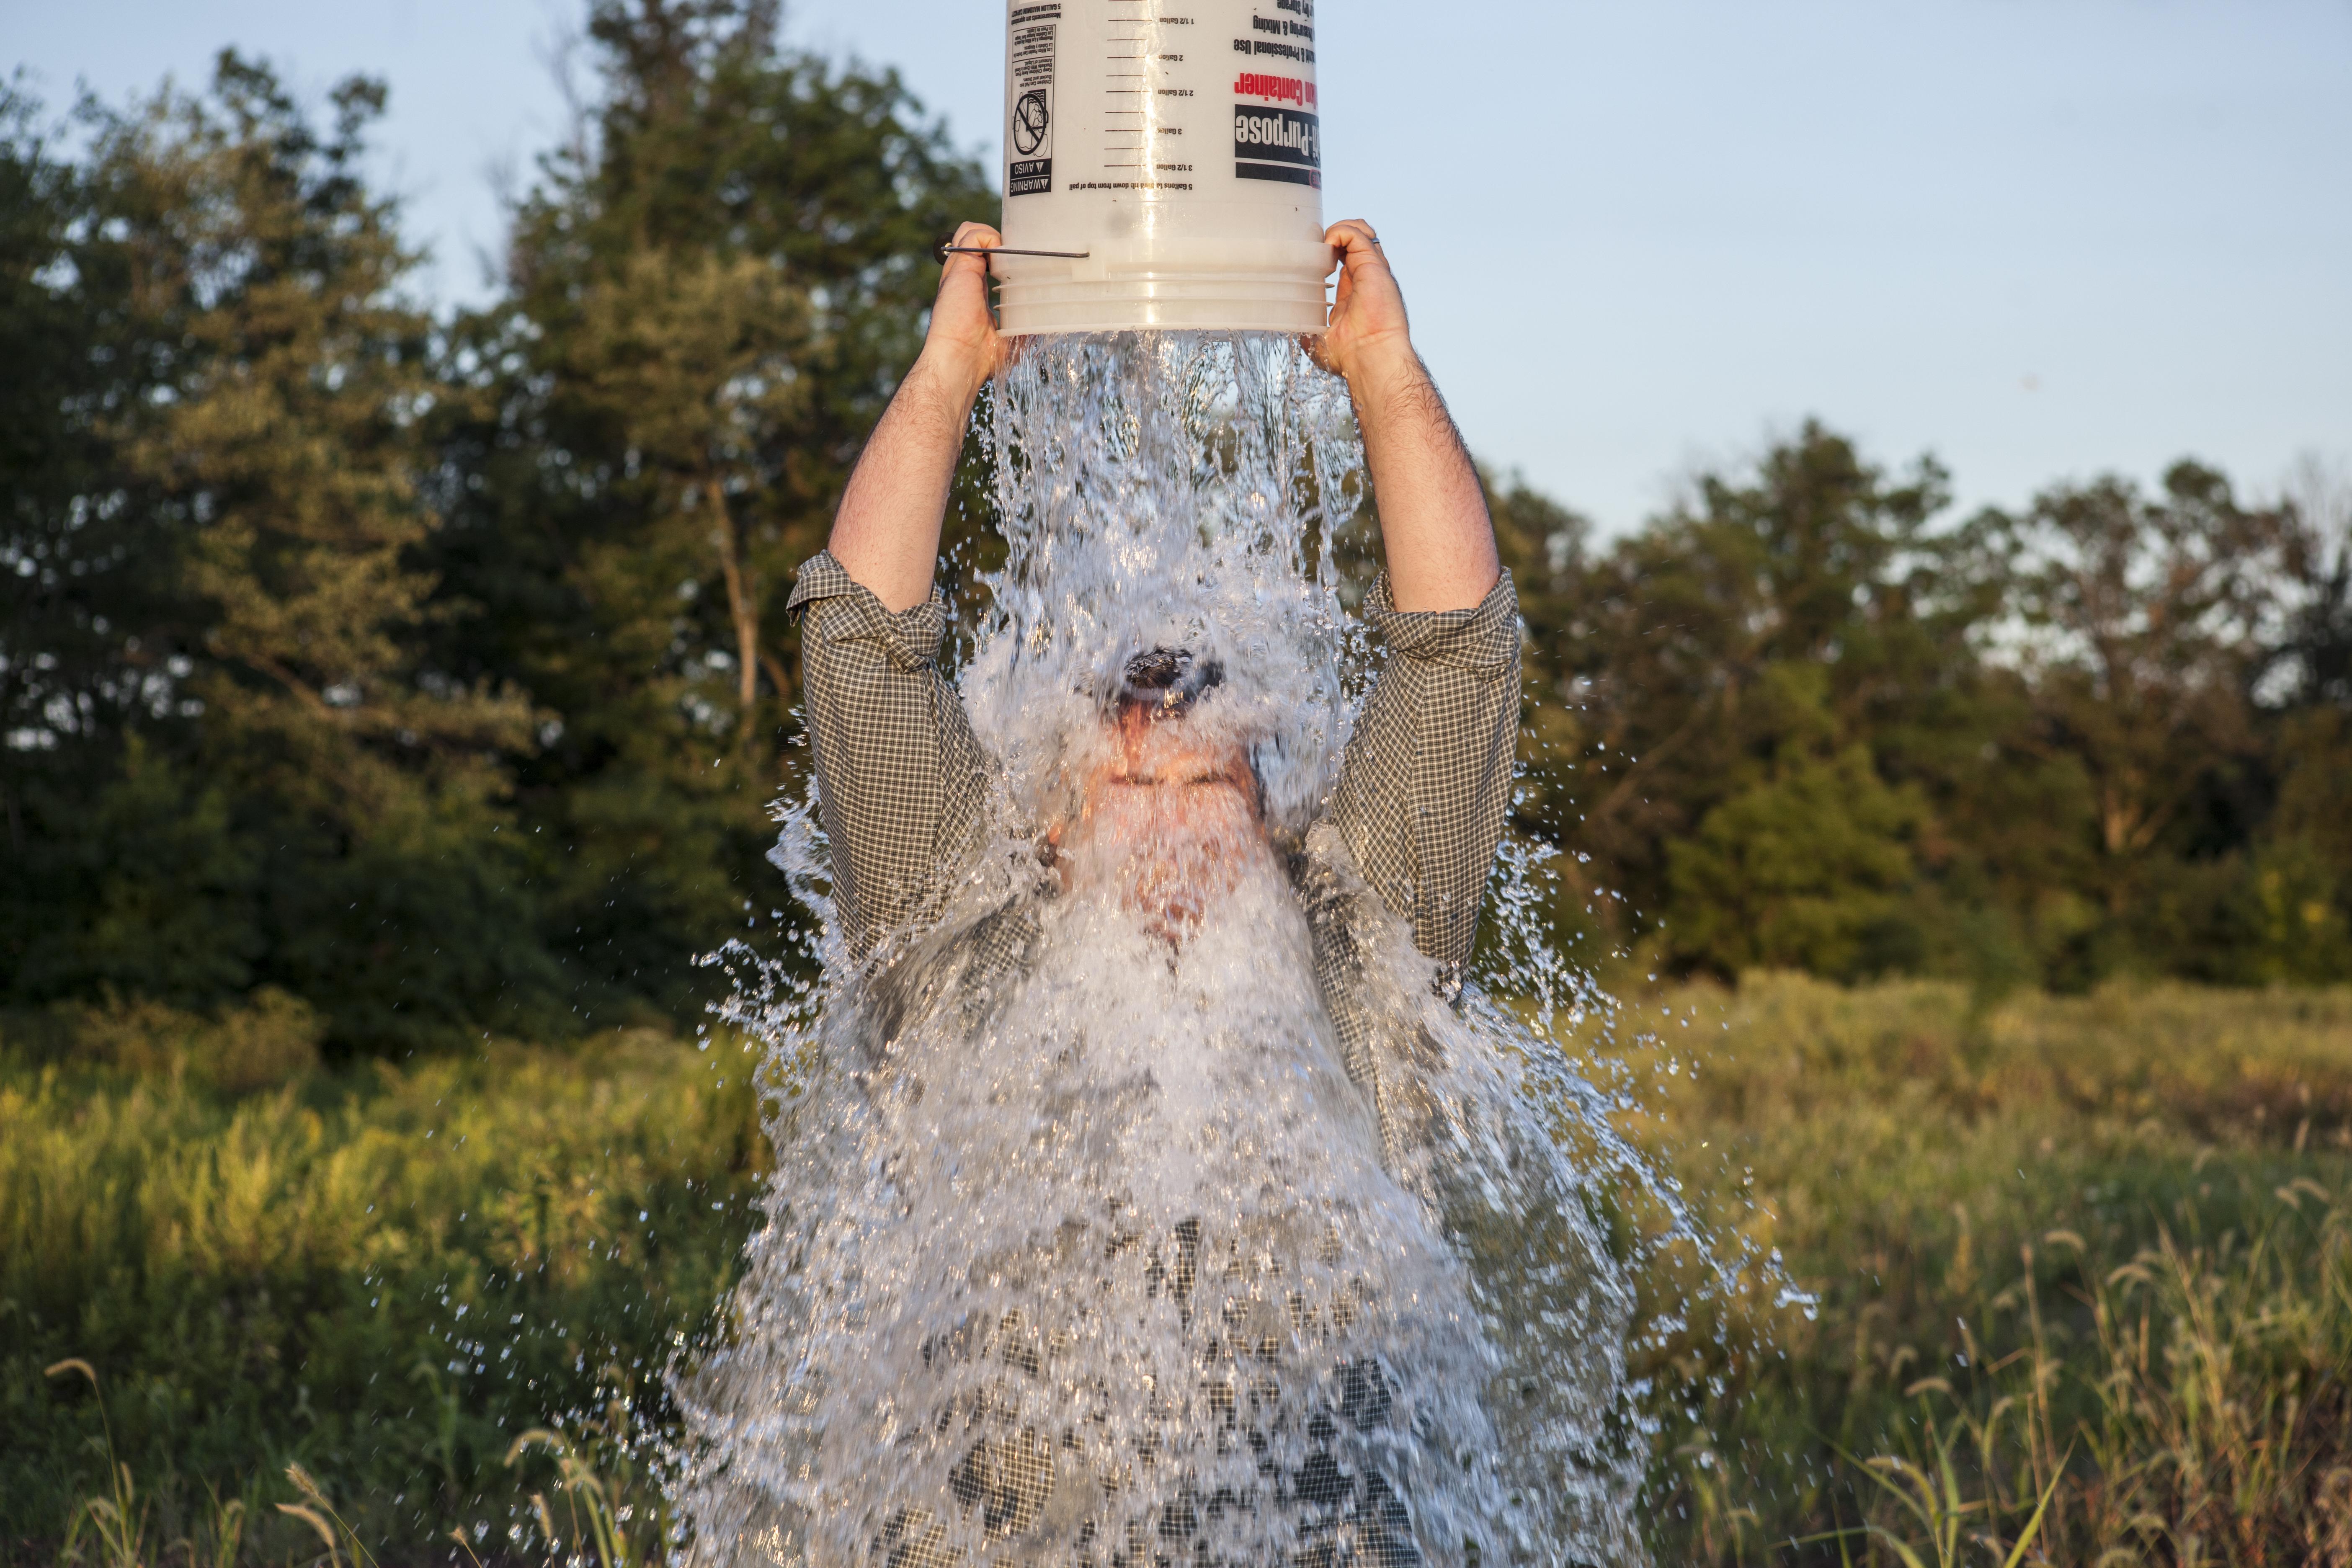 On the Ice Bucket Challenge